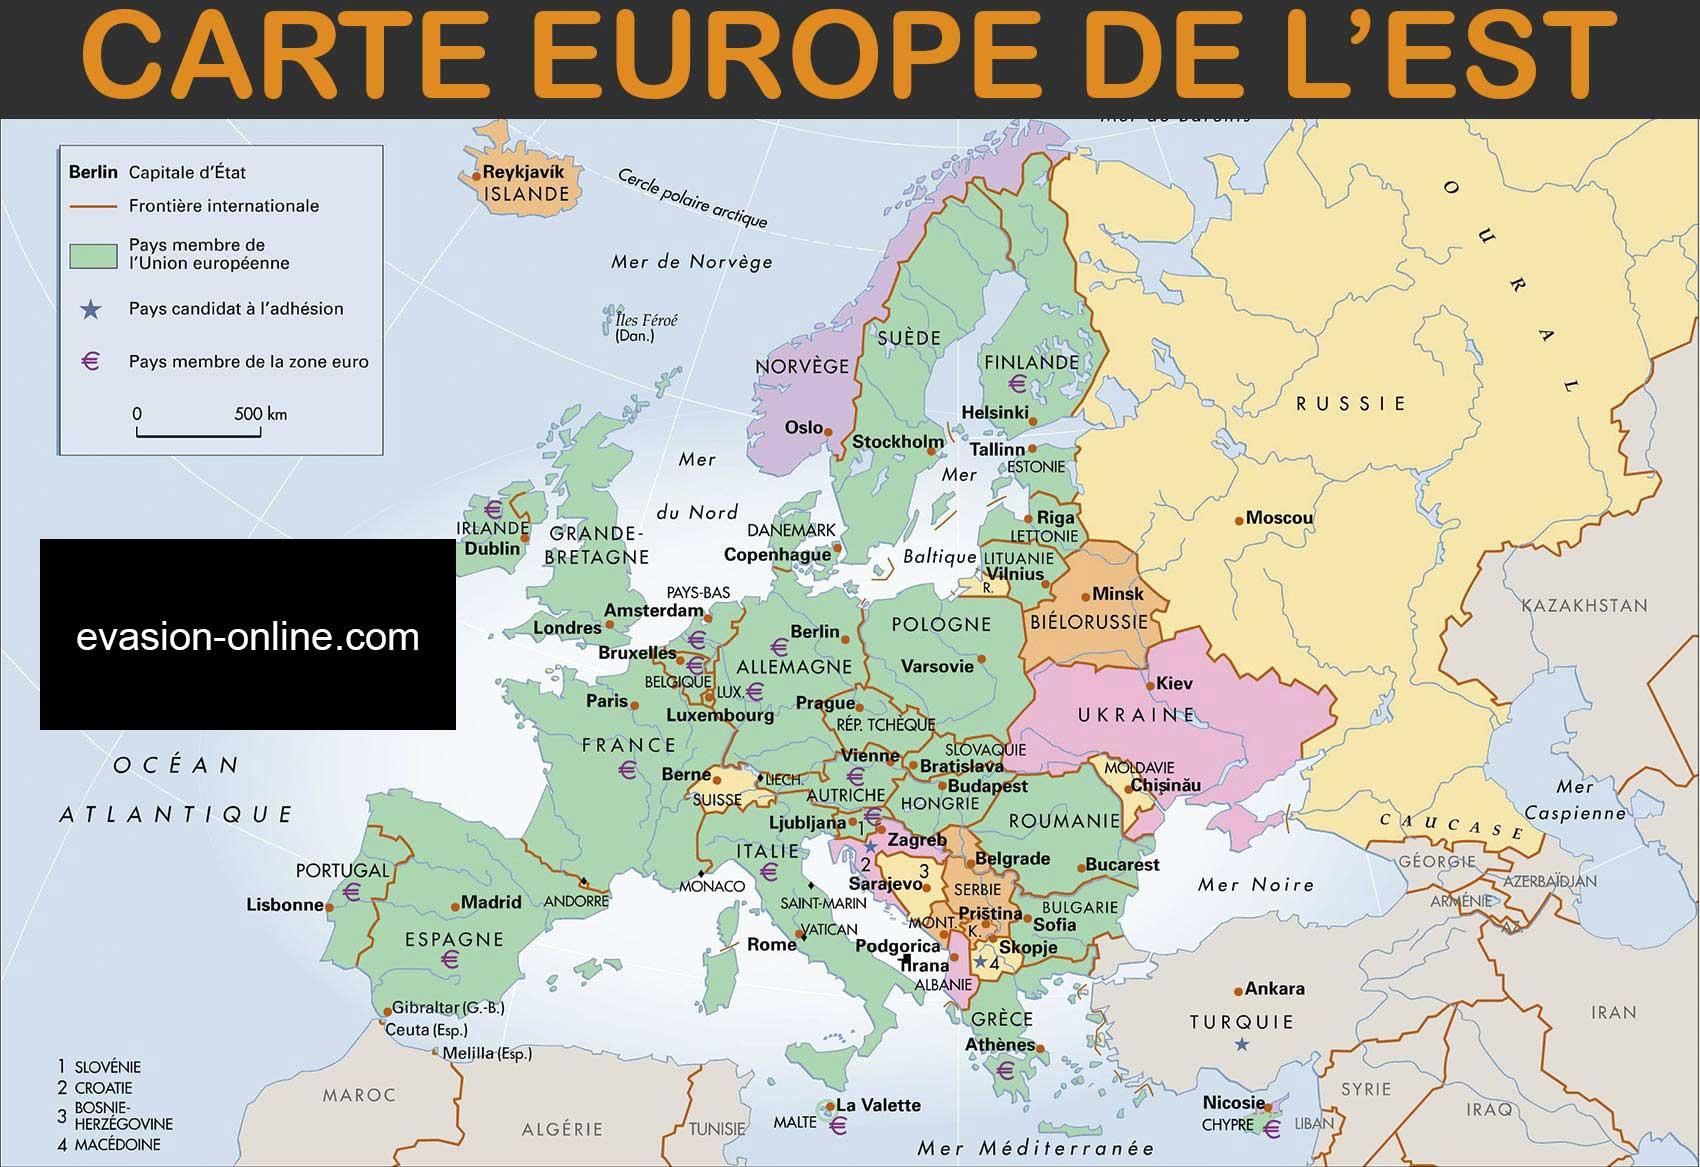 Carte Europe De L'est - Images » Vacances - Arts- Guides Voyages encequiconcerne Carte Europe Pays Capitales